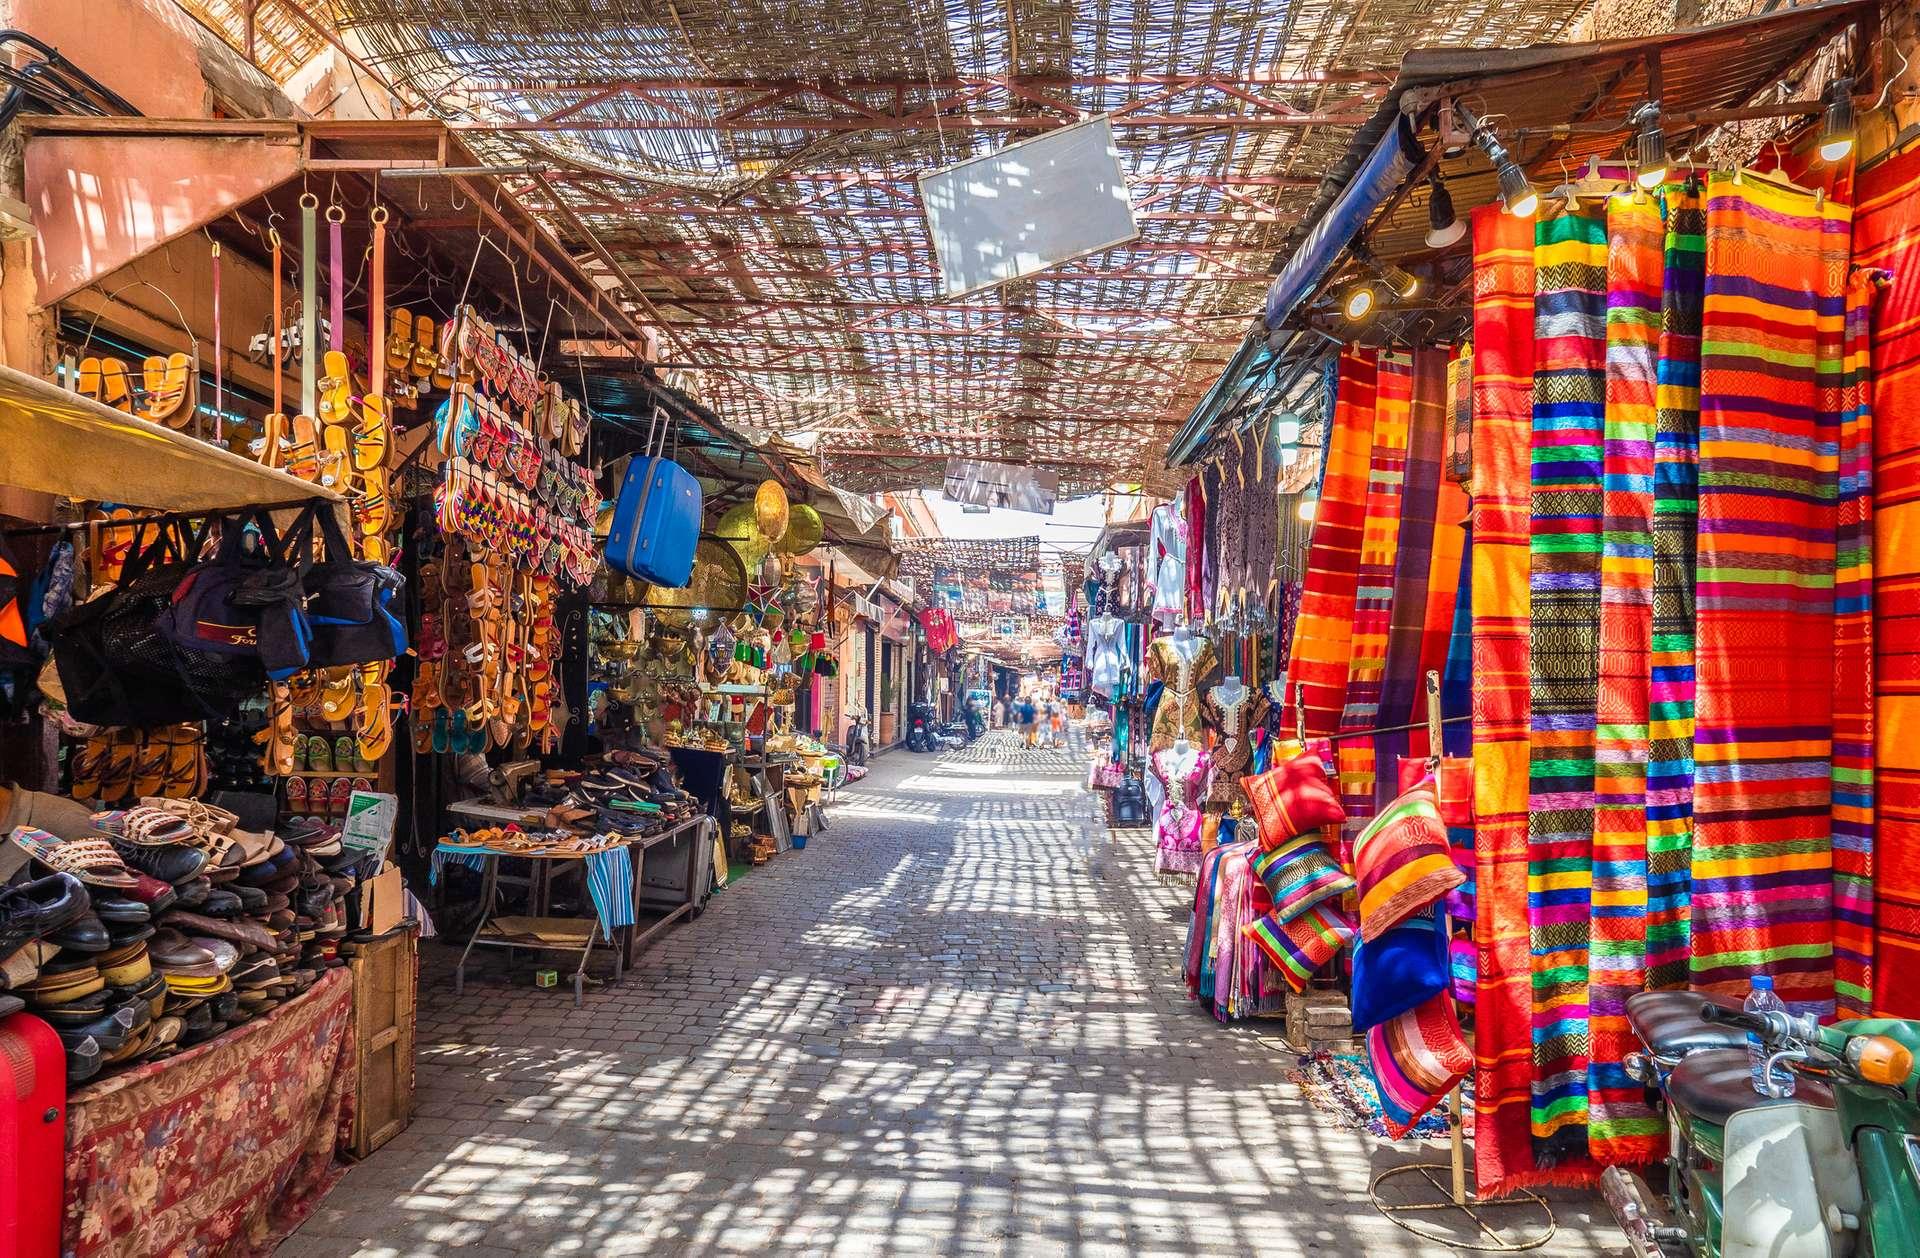 Marokko Marrakech vakantie stedentrip